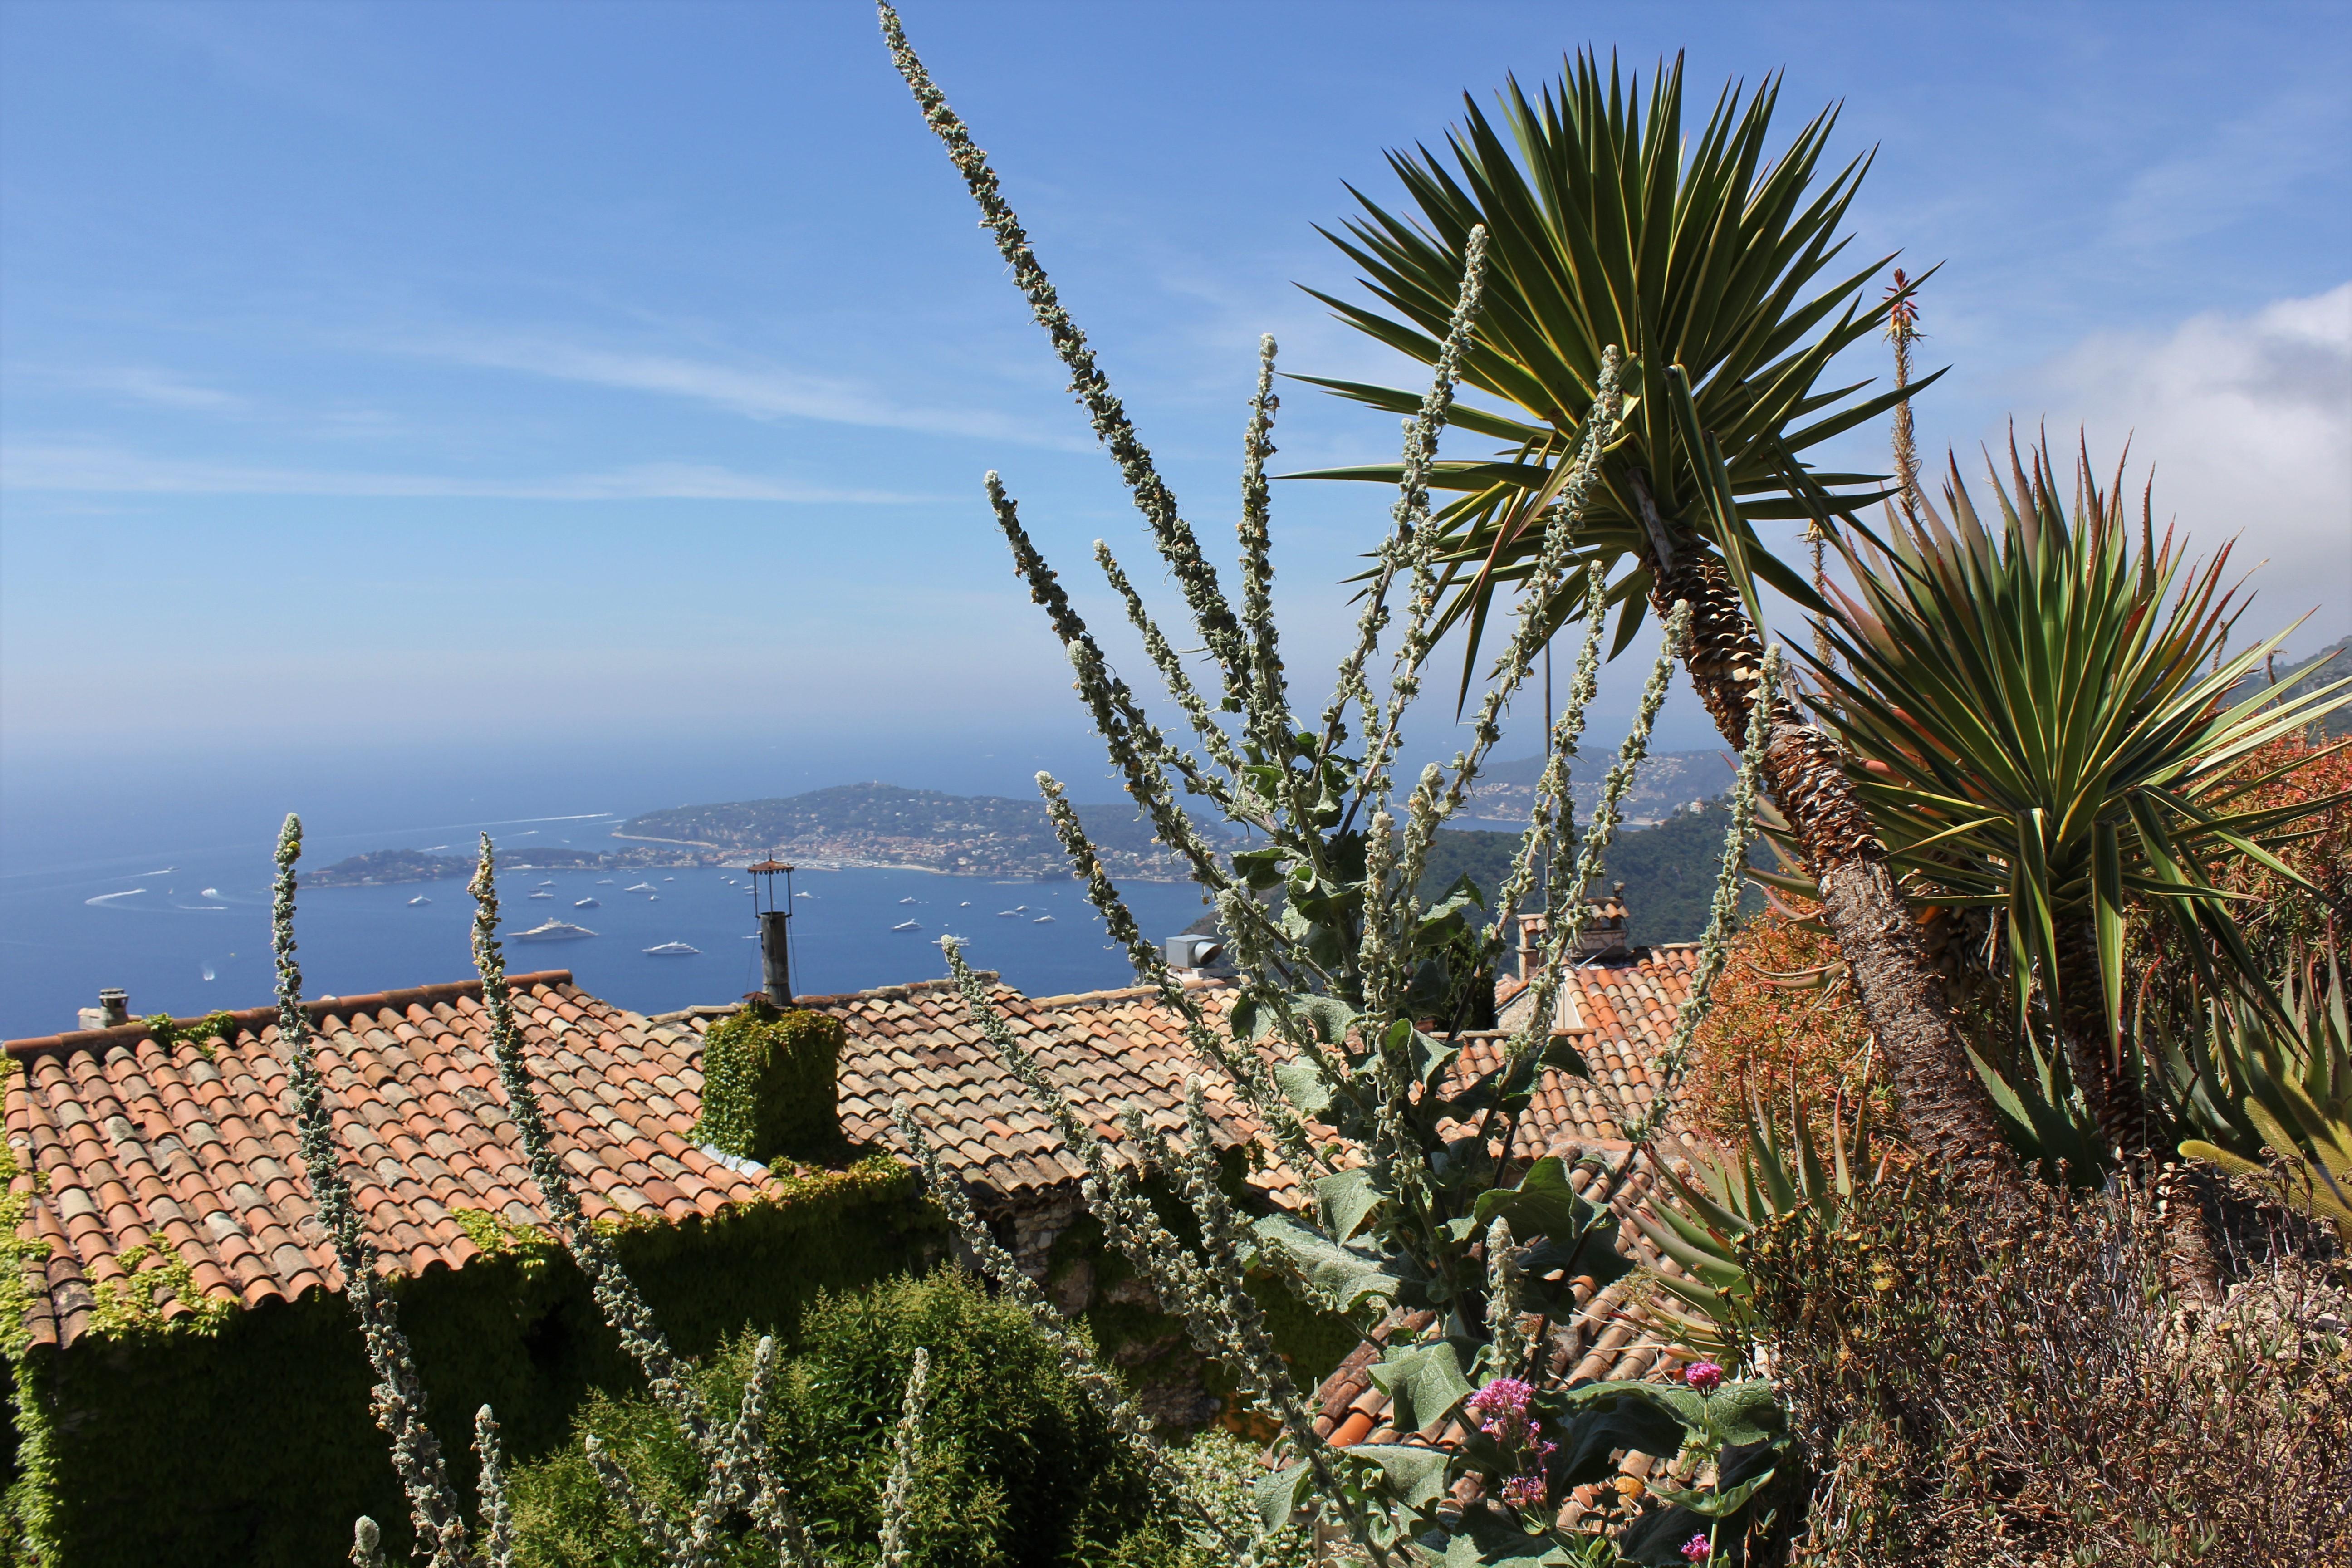 Eze dans les Alpes Maritimes : le jardin exotique 1/2 - Sable émouvant